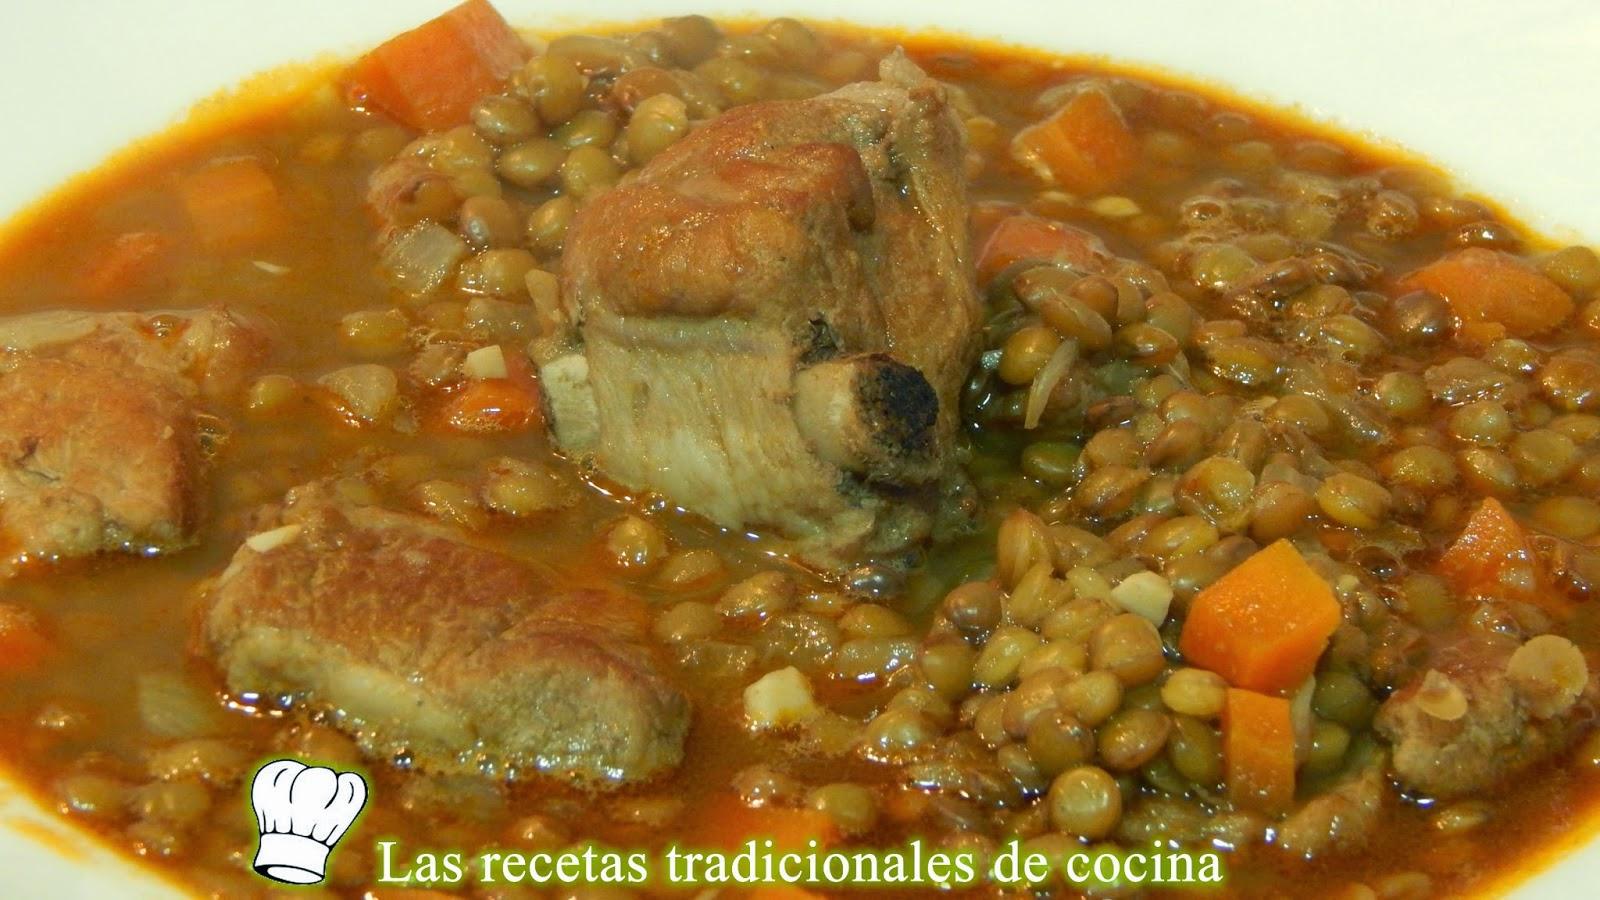 Como Se Cocinan Las Lentejas | Receta De Lentejas Con Costillas De Cerdo Recetas De Cocina Con